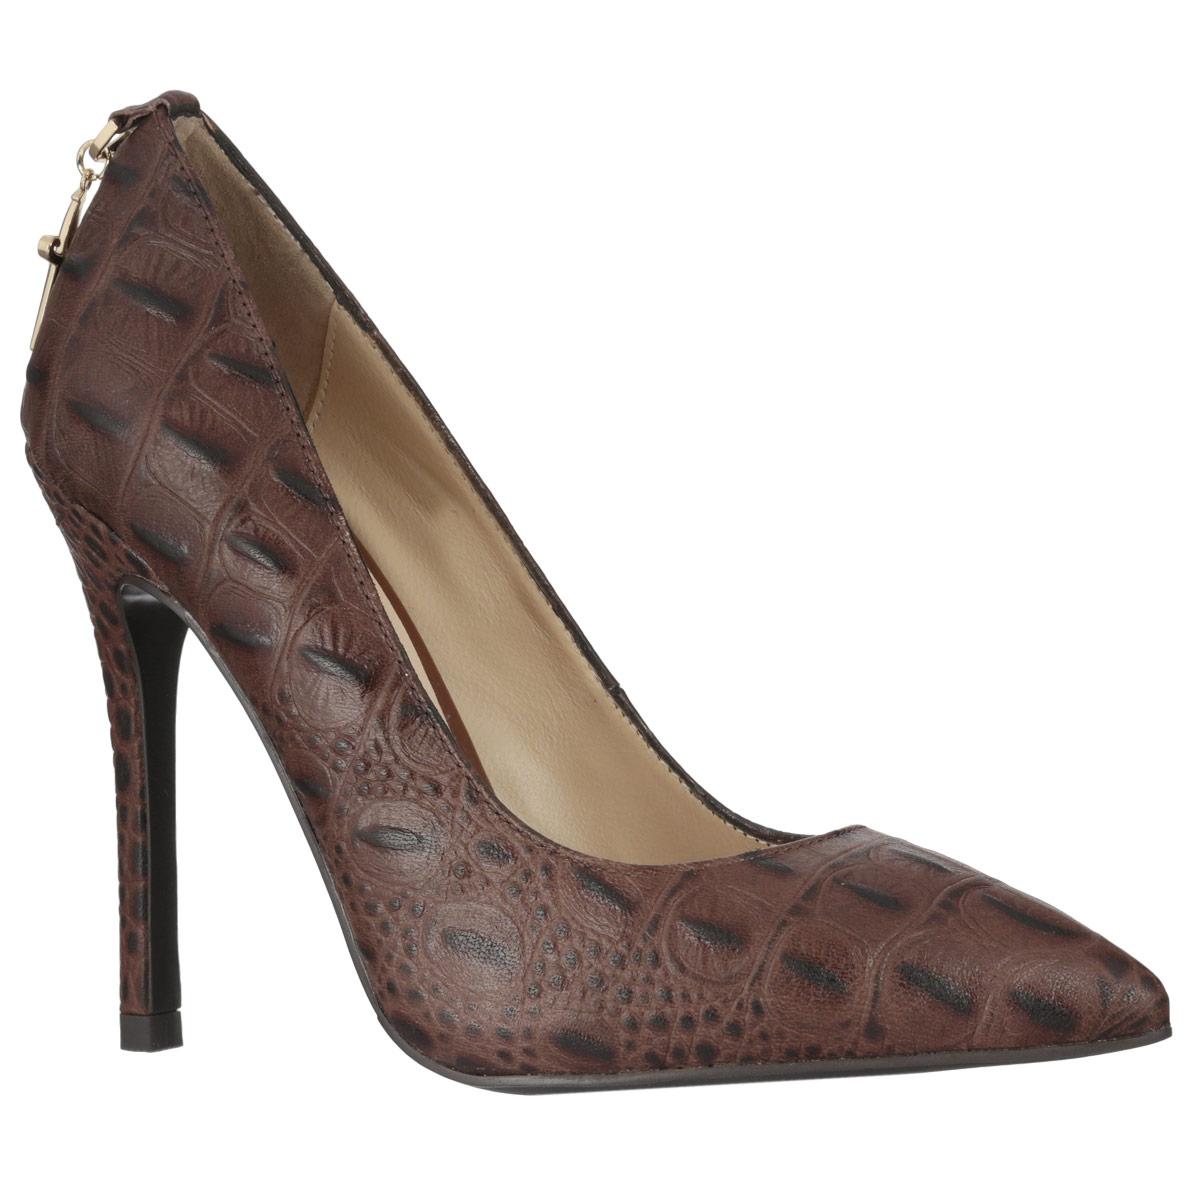 Туфли женские. 2278122781Элегантные женские туфли Vitacci покорят вас с первого взгляда. Модель изготовлена из натуральной высококачественной кожи и оформлена декоративным тиснением под рептилию. Задник украшен металлической подвеской в виде кинжала. Зауженный носок смотрится невероятно женственно. Стелька из натуральной кожи позволяет ногам дышать. Ультравысокий каблук-шпилька добавит в ваш образ нотки шарма. Подошва с рифлением обеспечивает отличное сцепление с любой поверхностью. Изысканные туфли добавят шика в модный образ и подчеркнут ваш безупречный вкус.